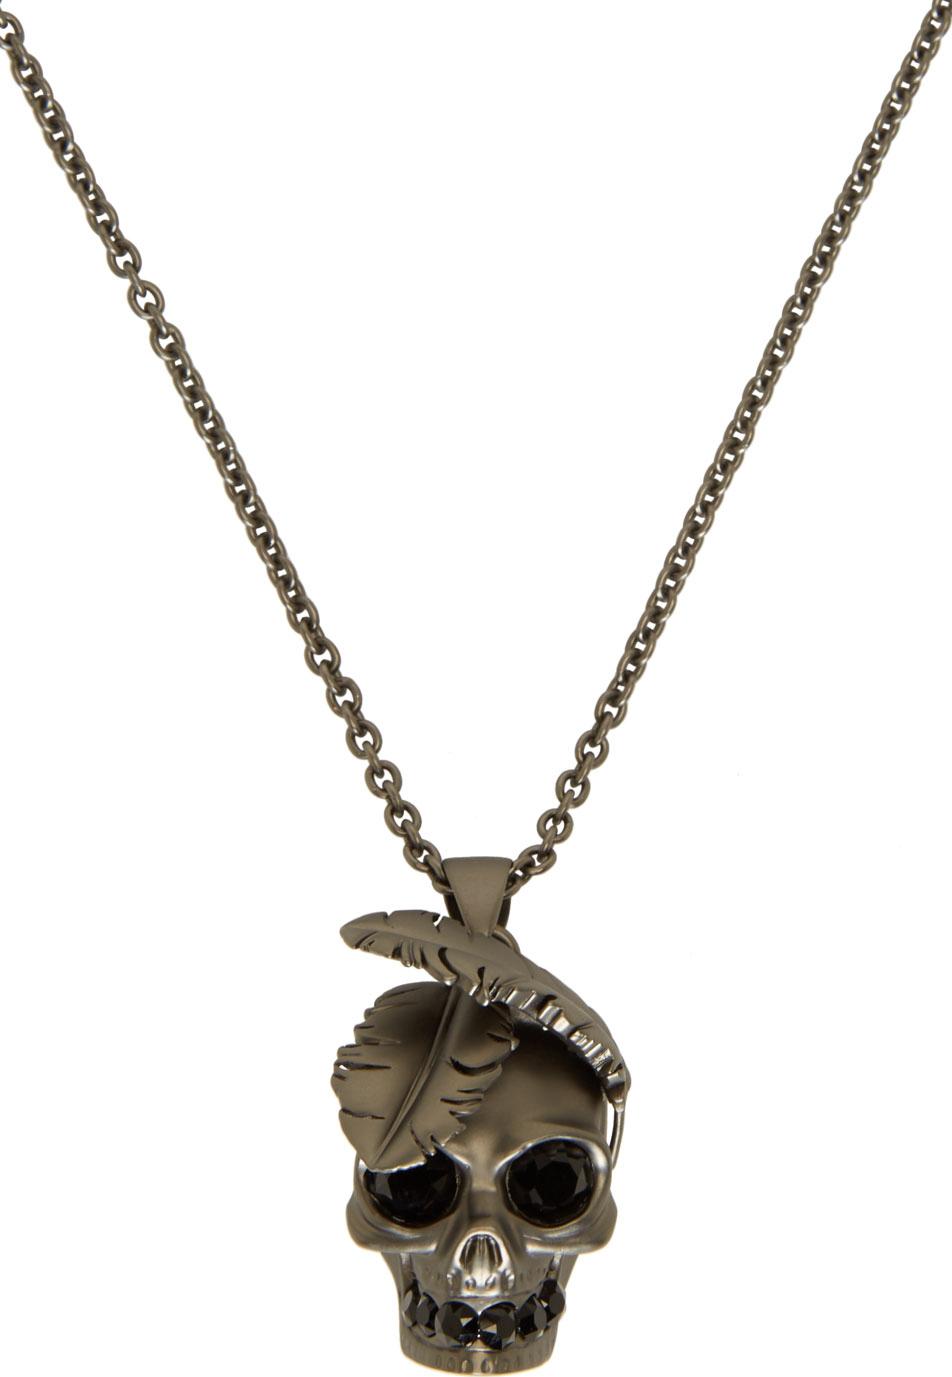 Alexander McQueen Silver-tone Necklace - Gunmetal KHUAfa